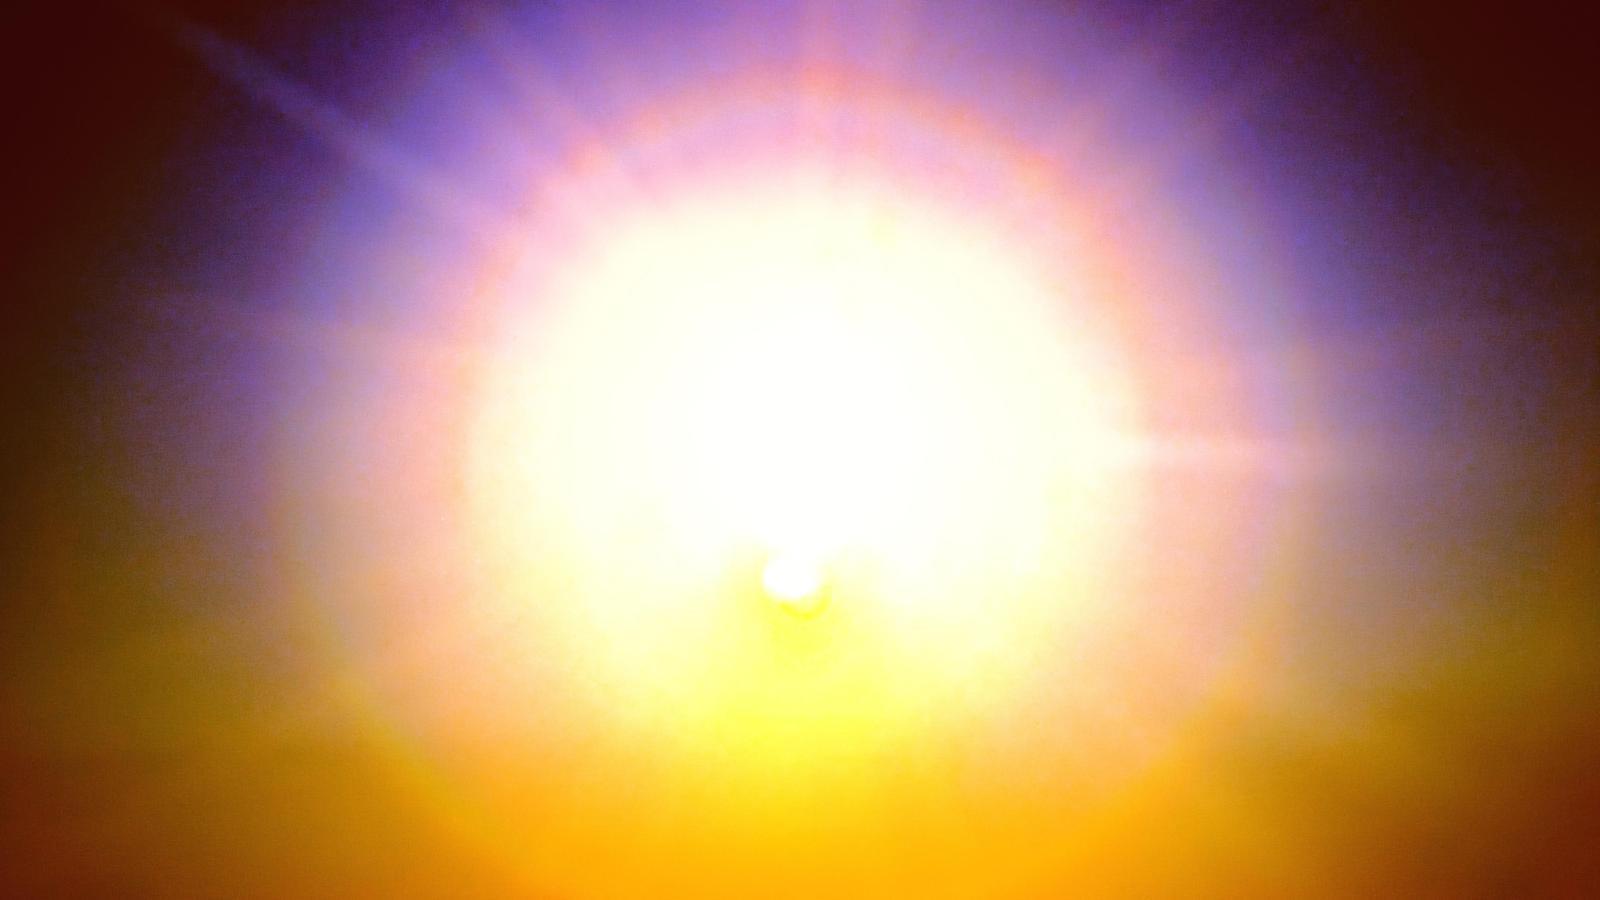 پرتوهای خورشید می توانند مضر باشند.